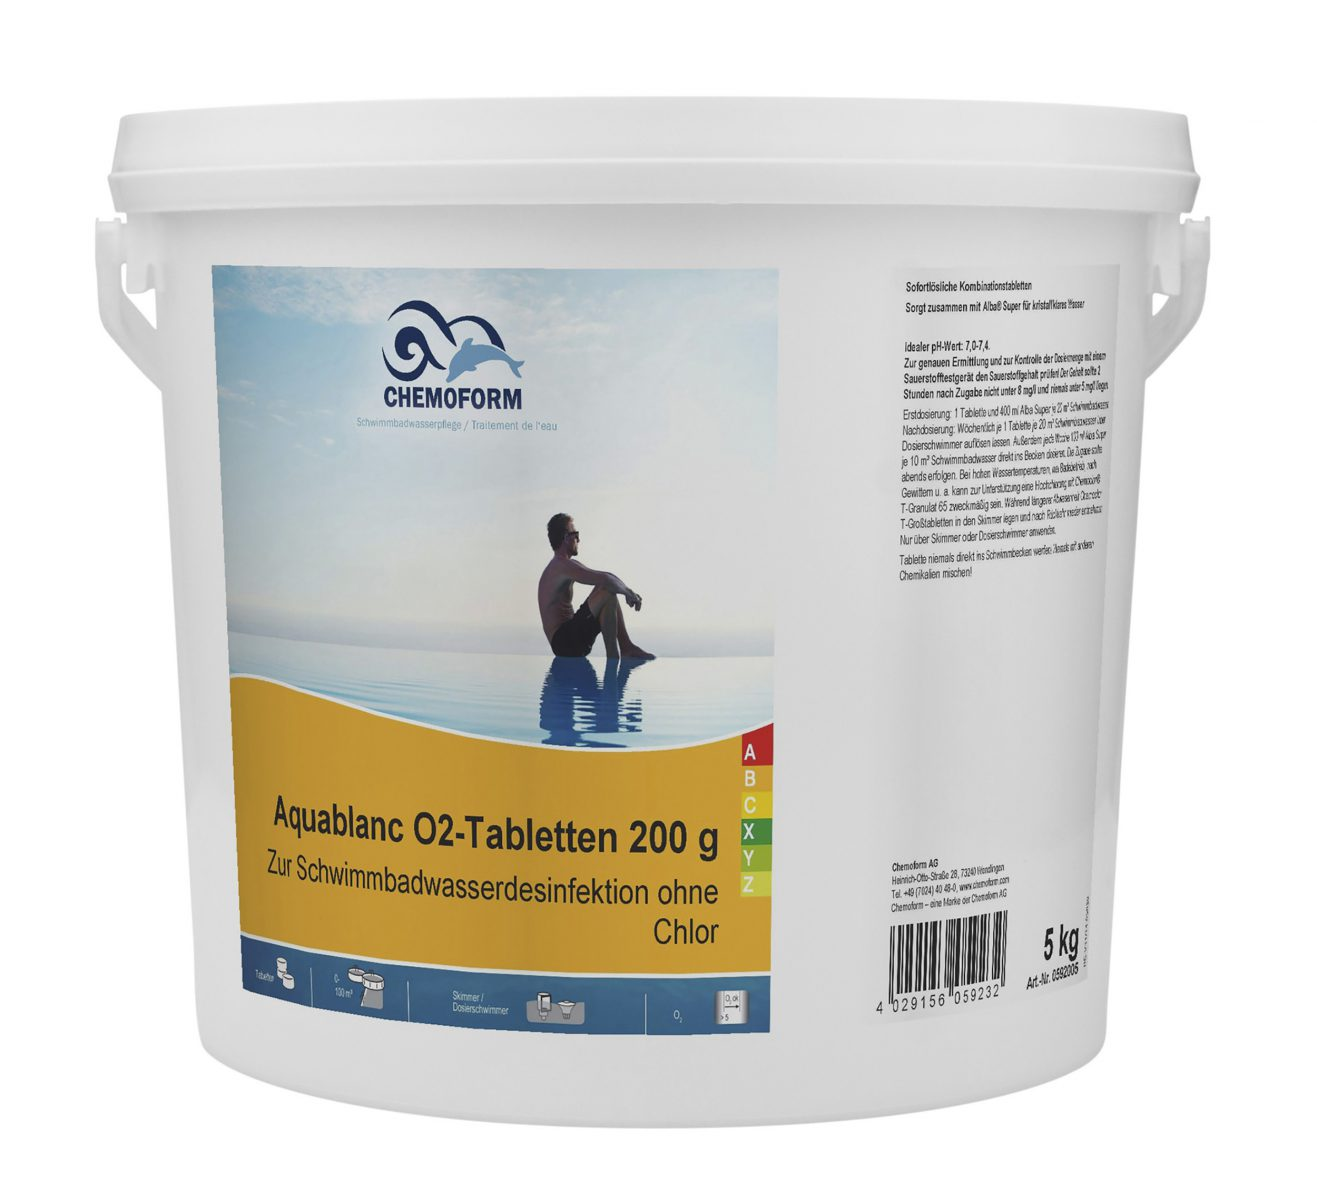 Активный кислород в таблетках для дезинфекции воды в бассейнах Аквабланк О2 (200 г), 10 кг